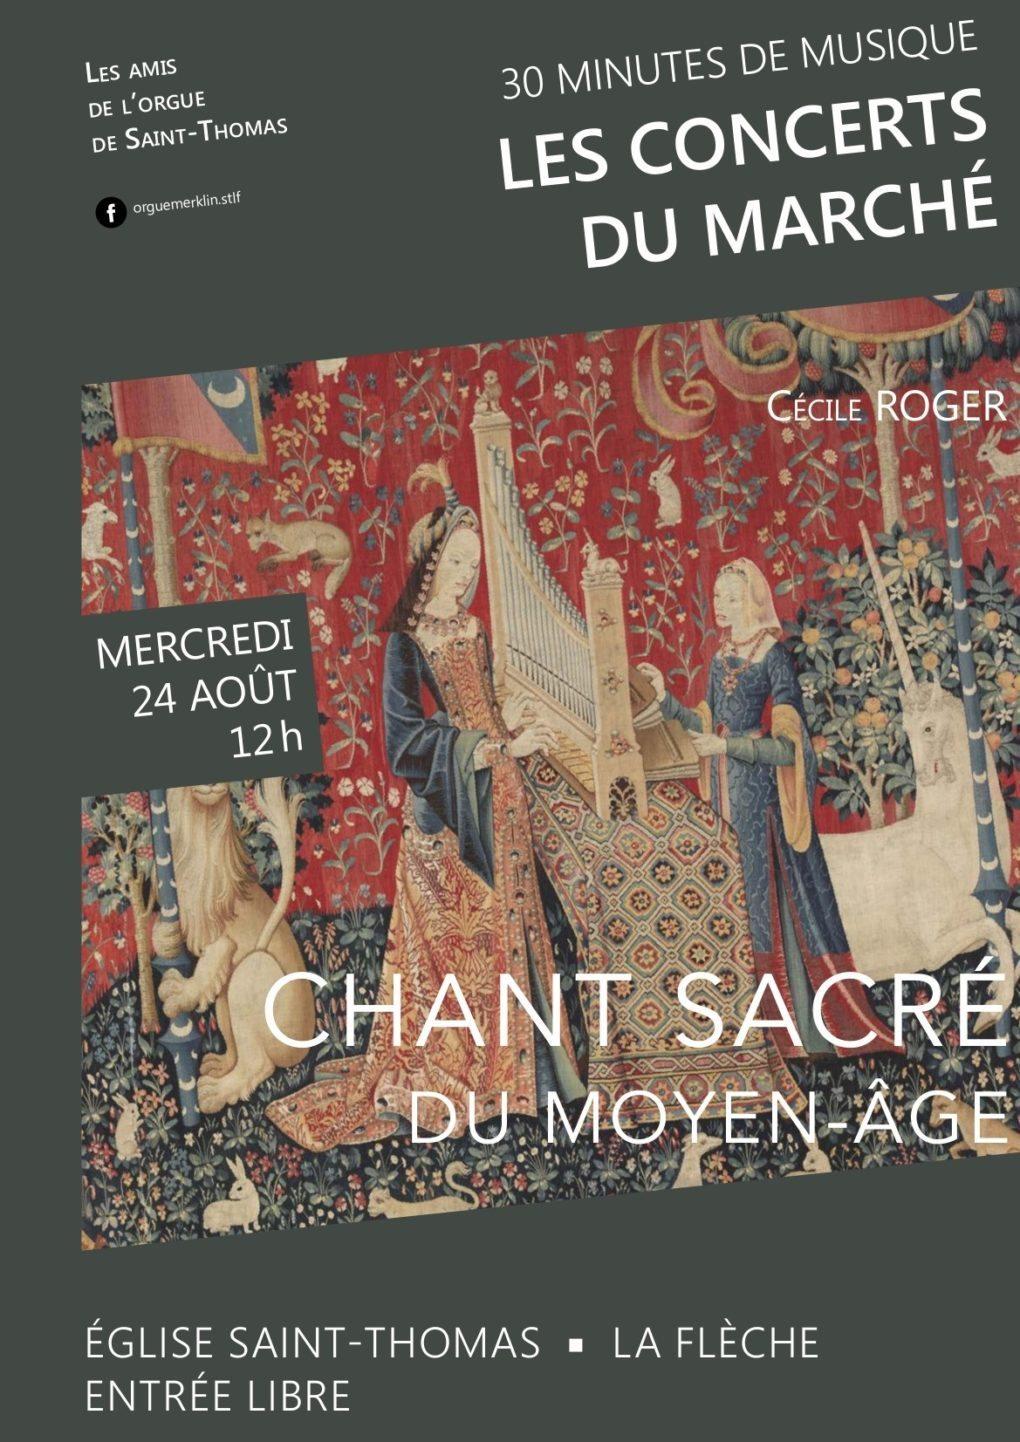 Les concerts du marché, Cécile Roger chante le Moyen-Âge La Flèche